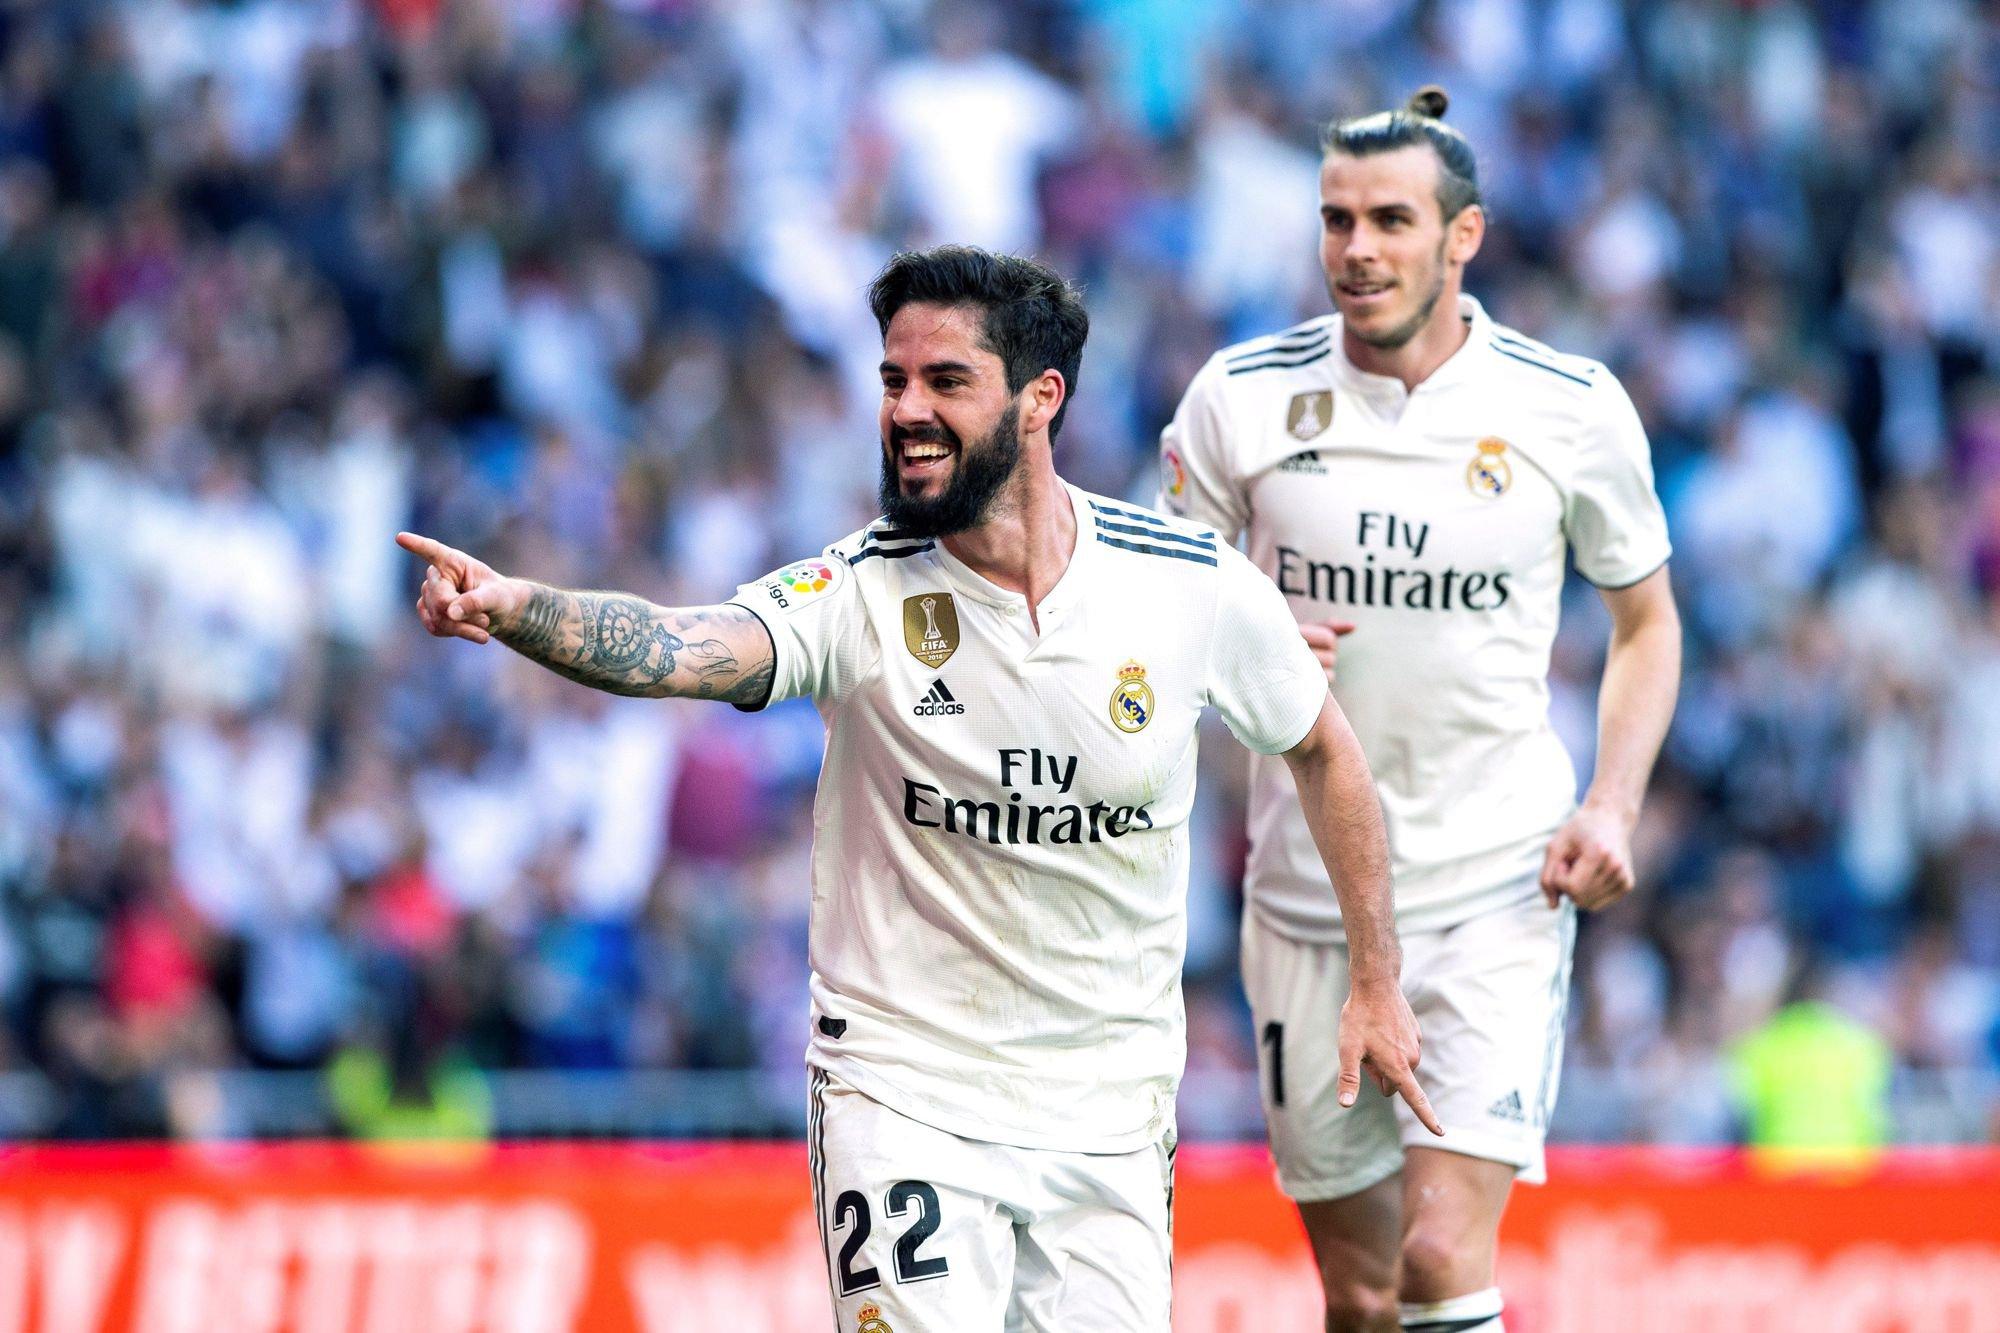 Isco celebra tras marcar el primer gol de su equipo ante el Celta de Vigo el pasado sábado.